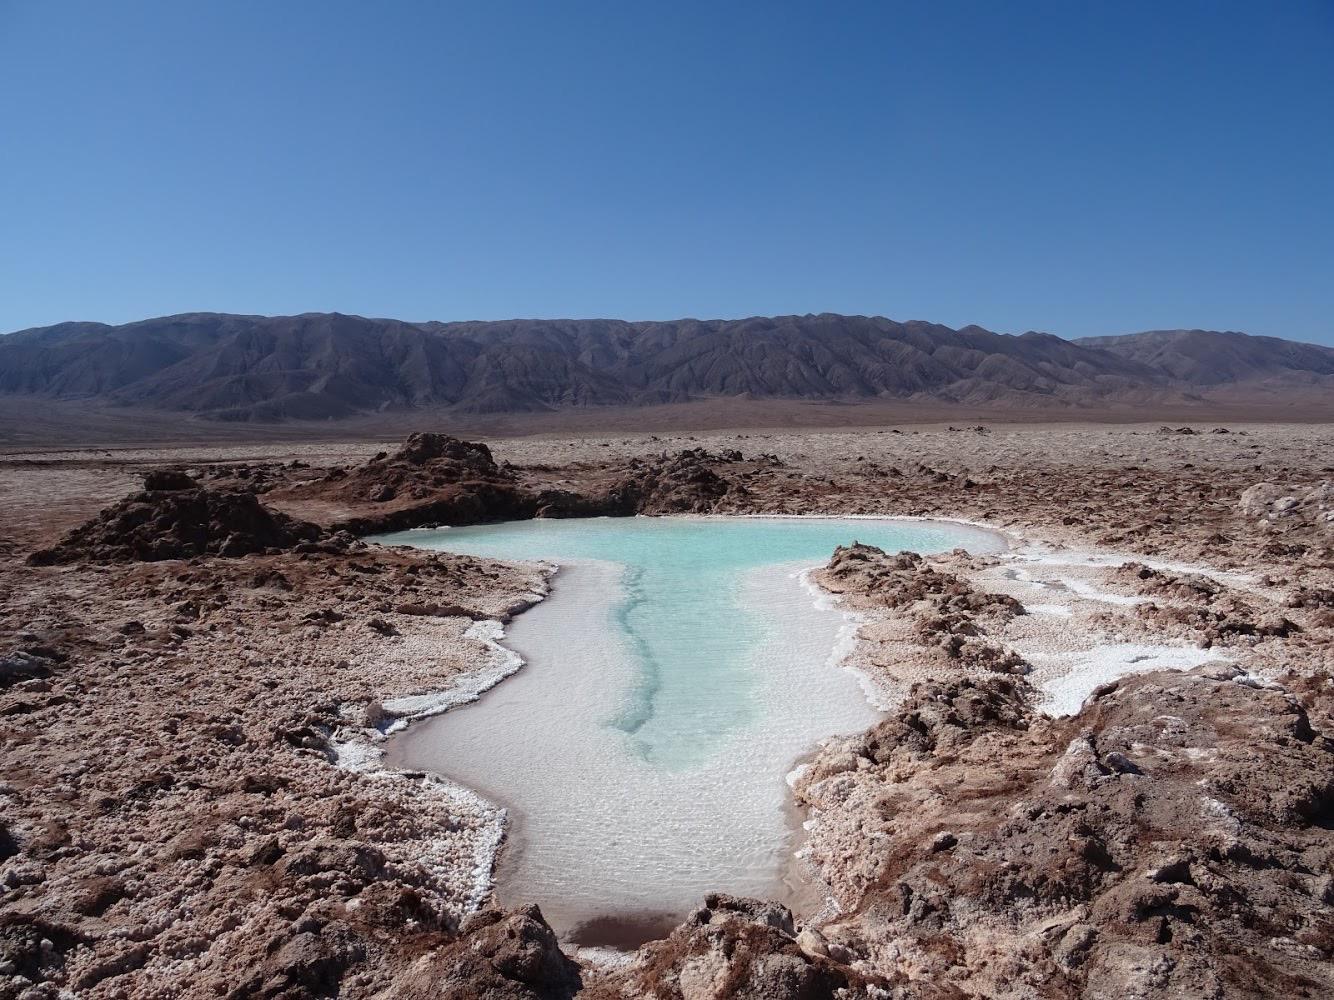 De maanvallei in Chili een indrukwekkend landschap